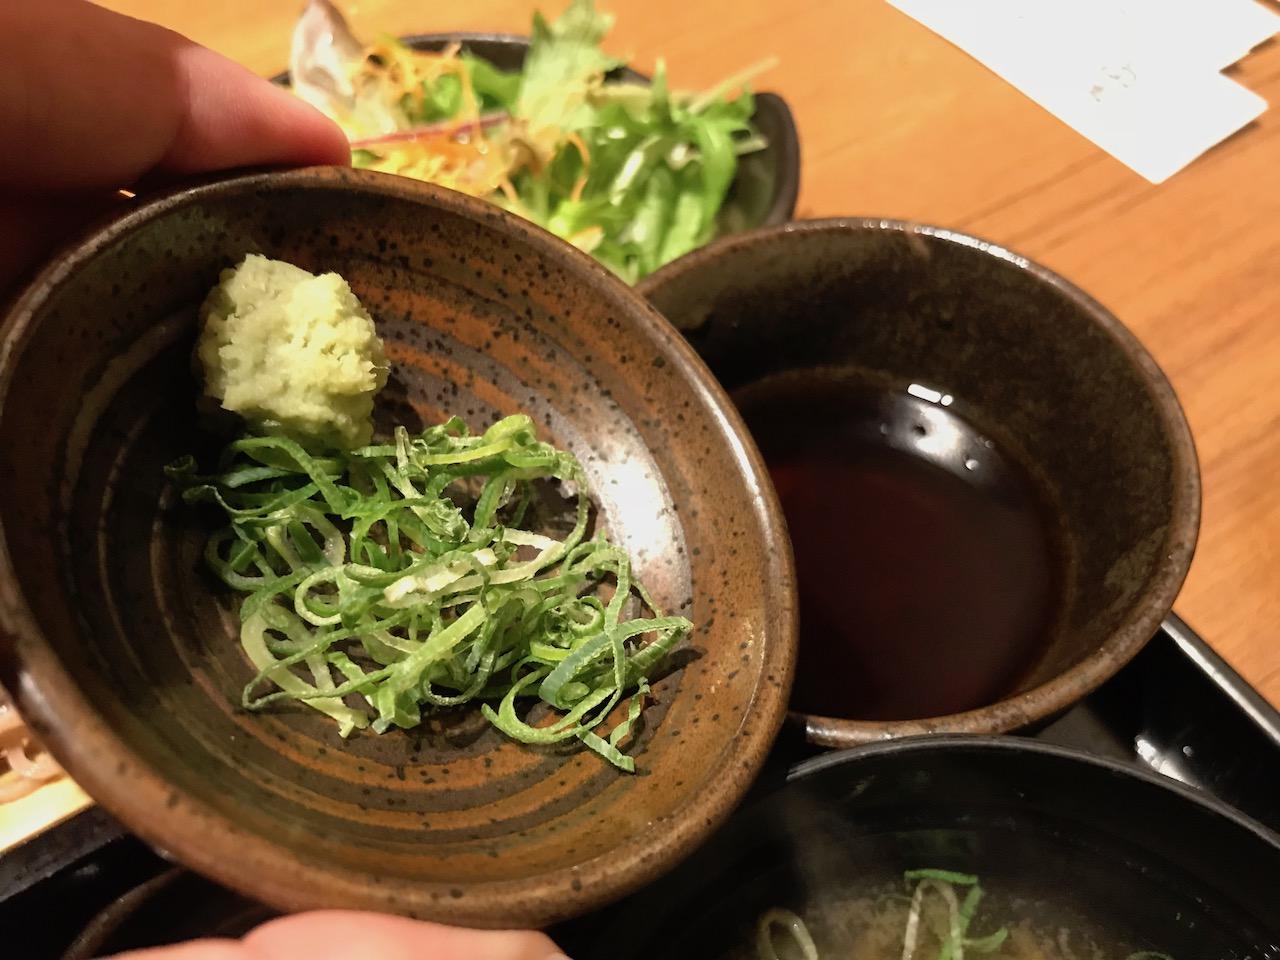 姫路駅前みゆき通りにある海鮮料理「薩摩漁鮮水産」で日替わりランチ食べてきた